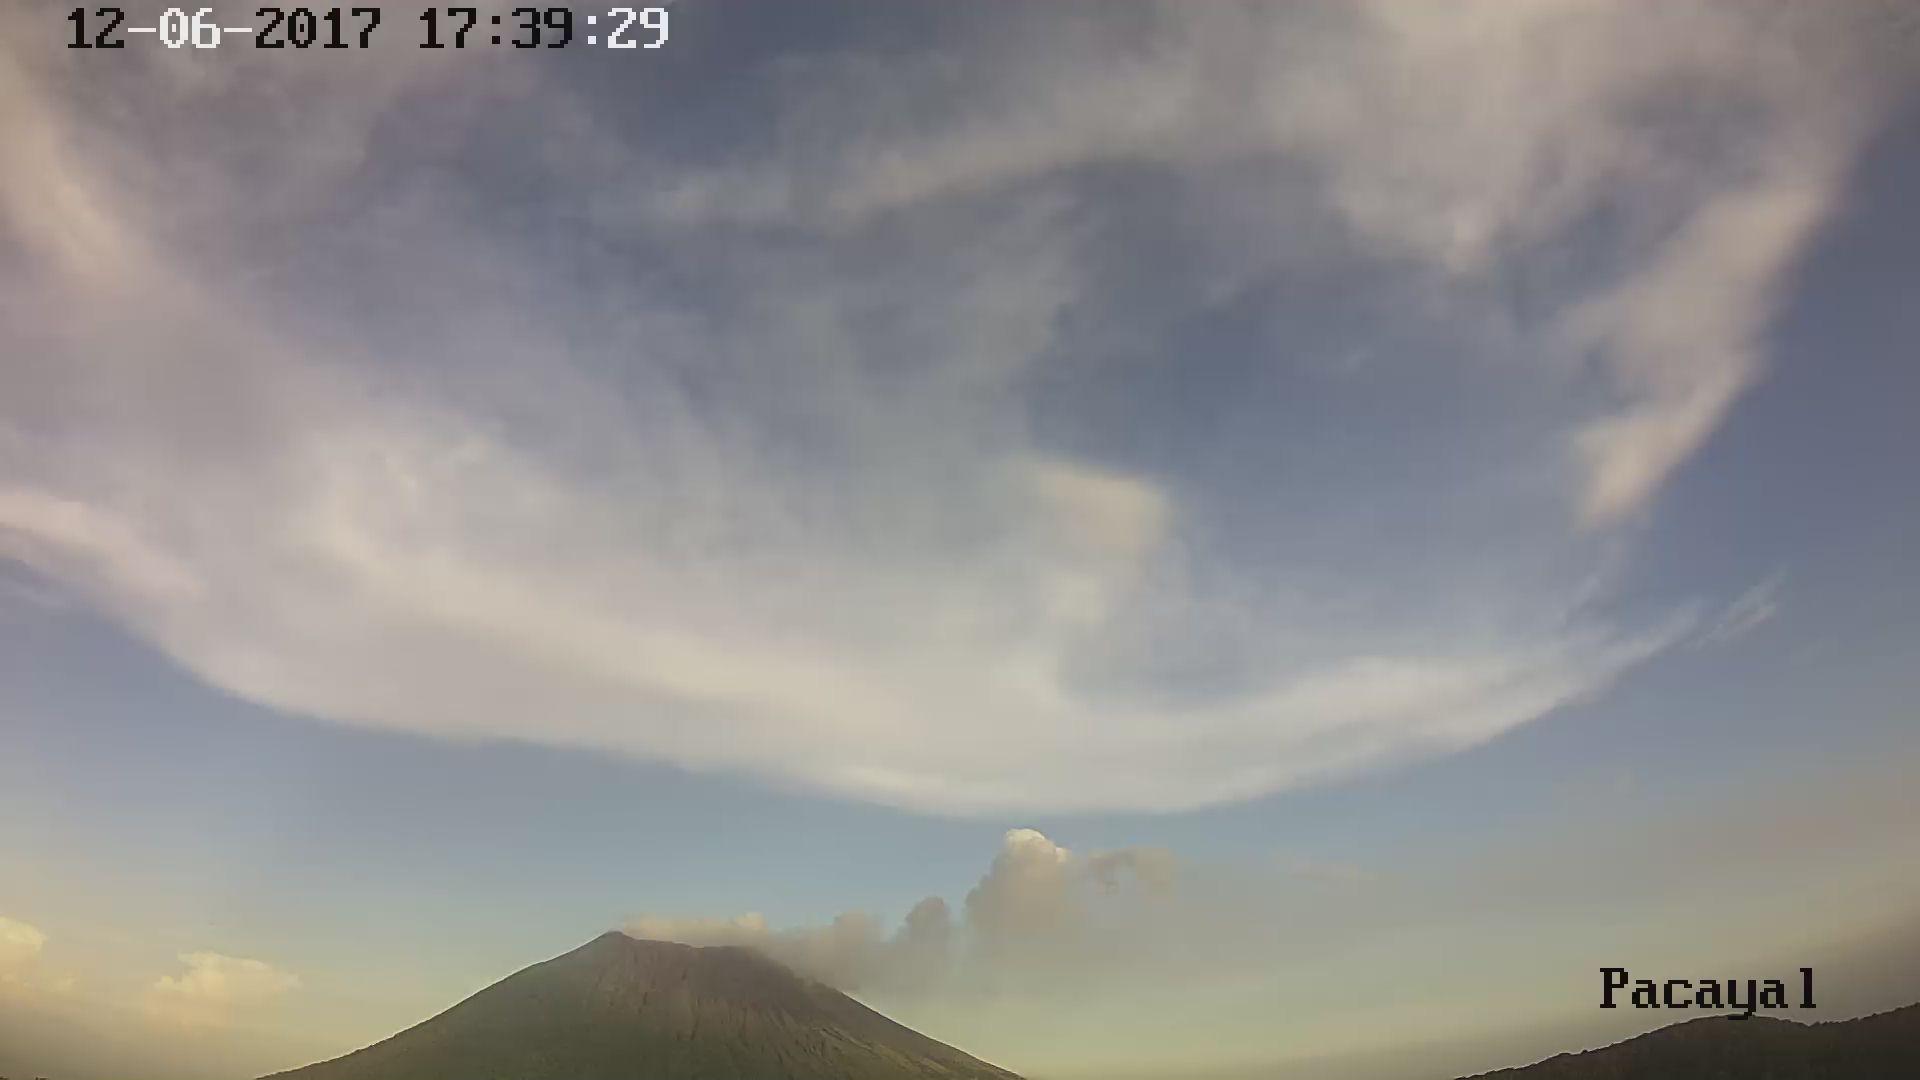 http://www.snet.gob.sv/eliseo/volcanes/fotografias/1/3125.jpg